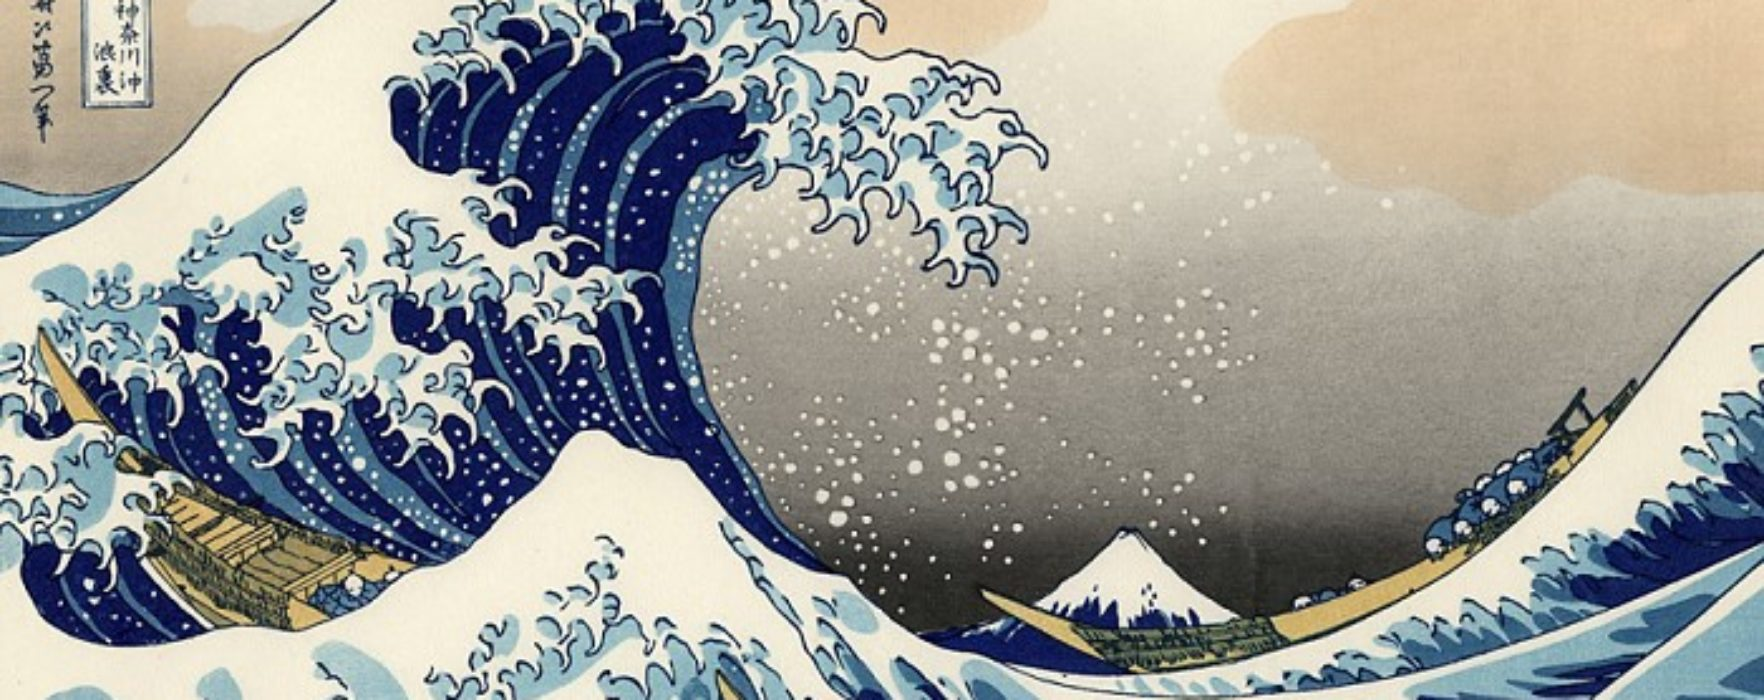 Fujisan. La montagna sacra.